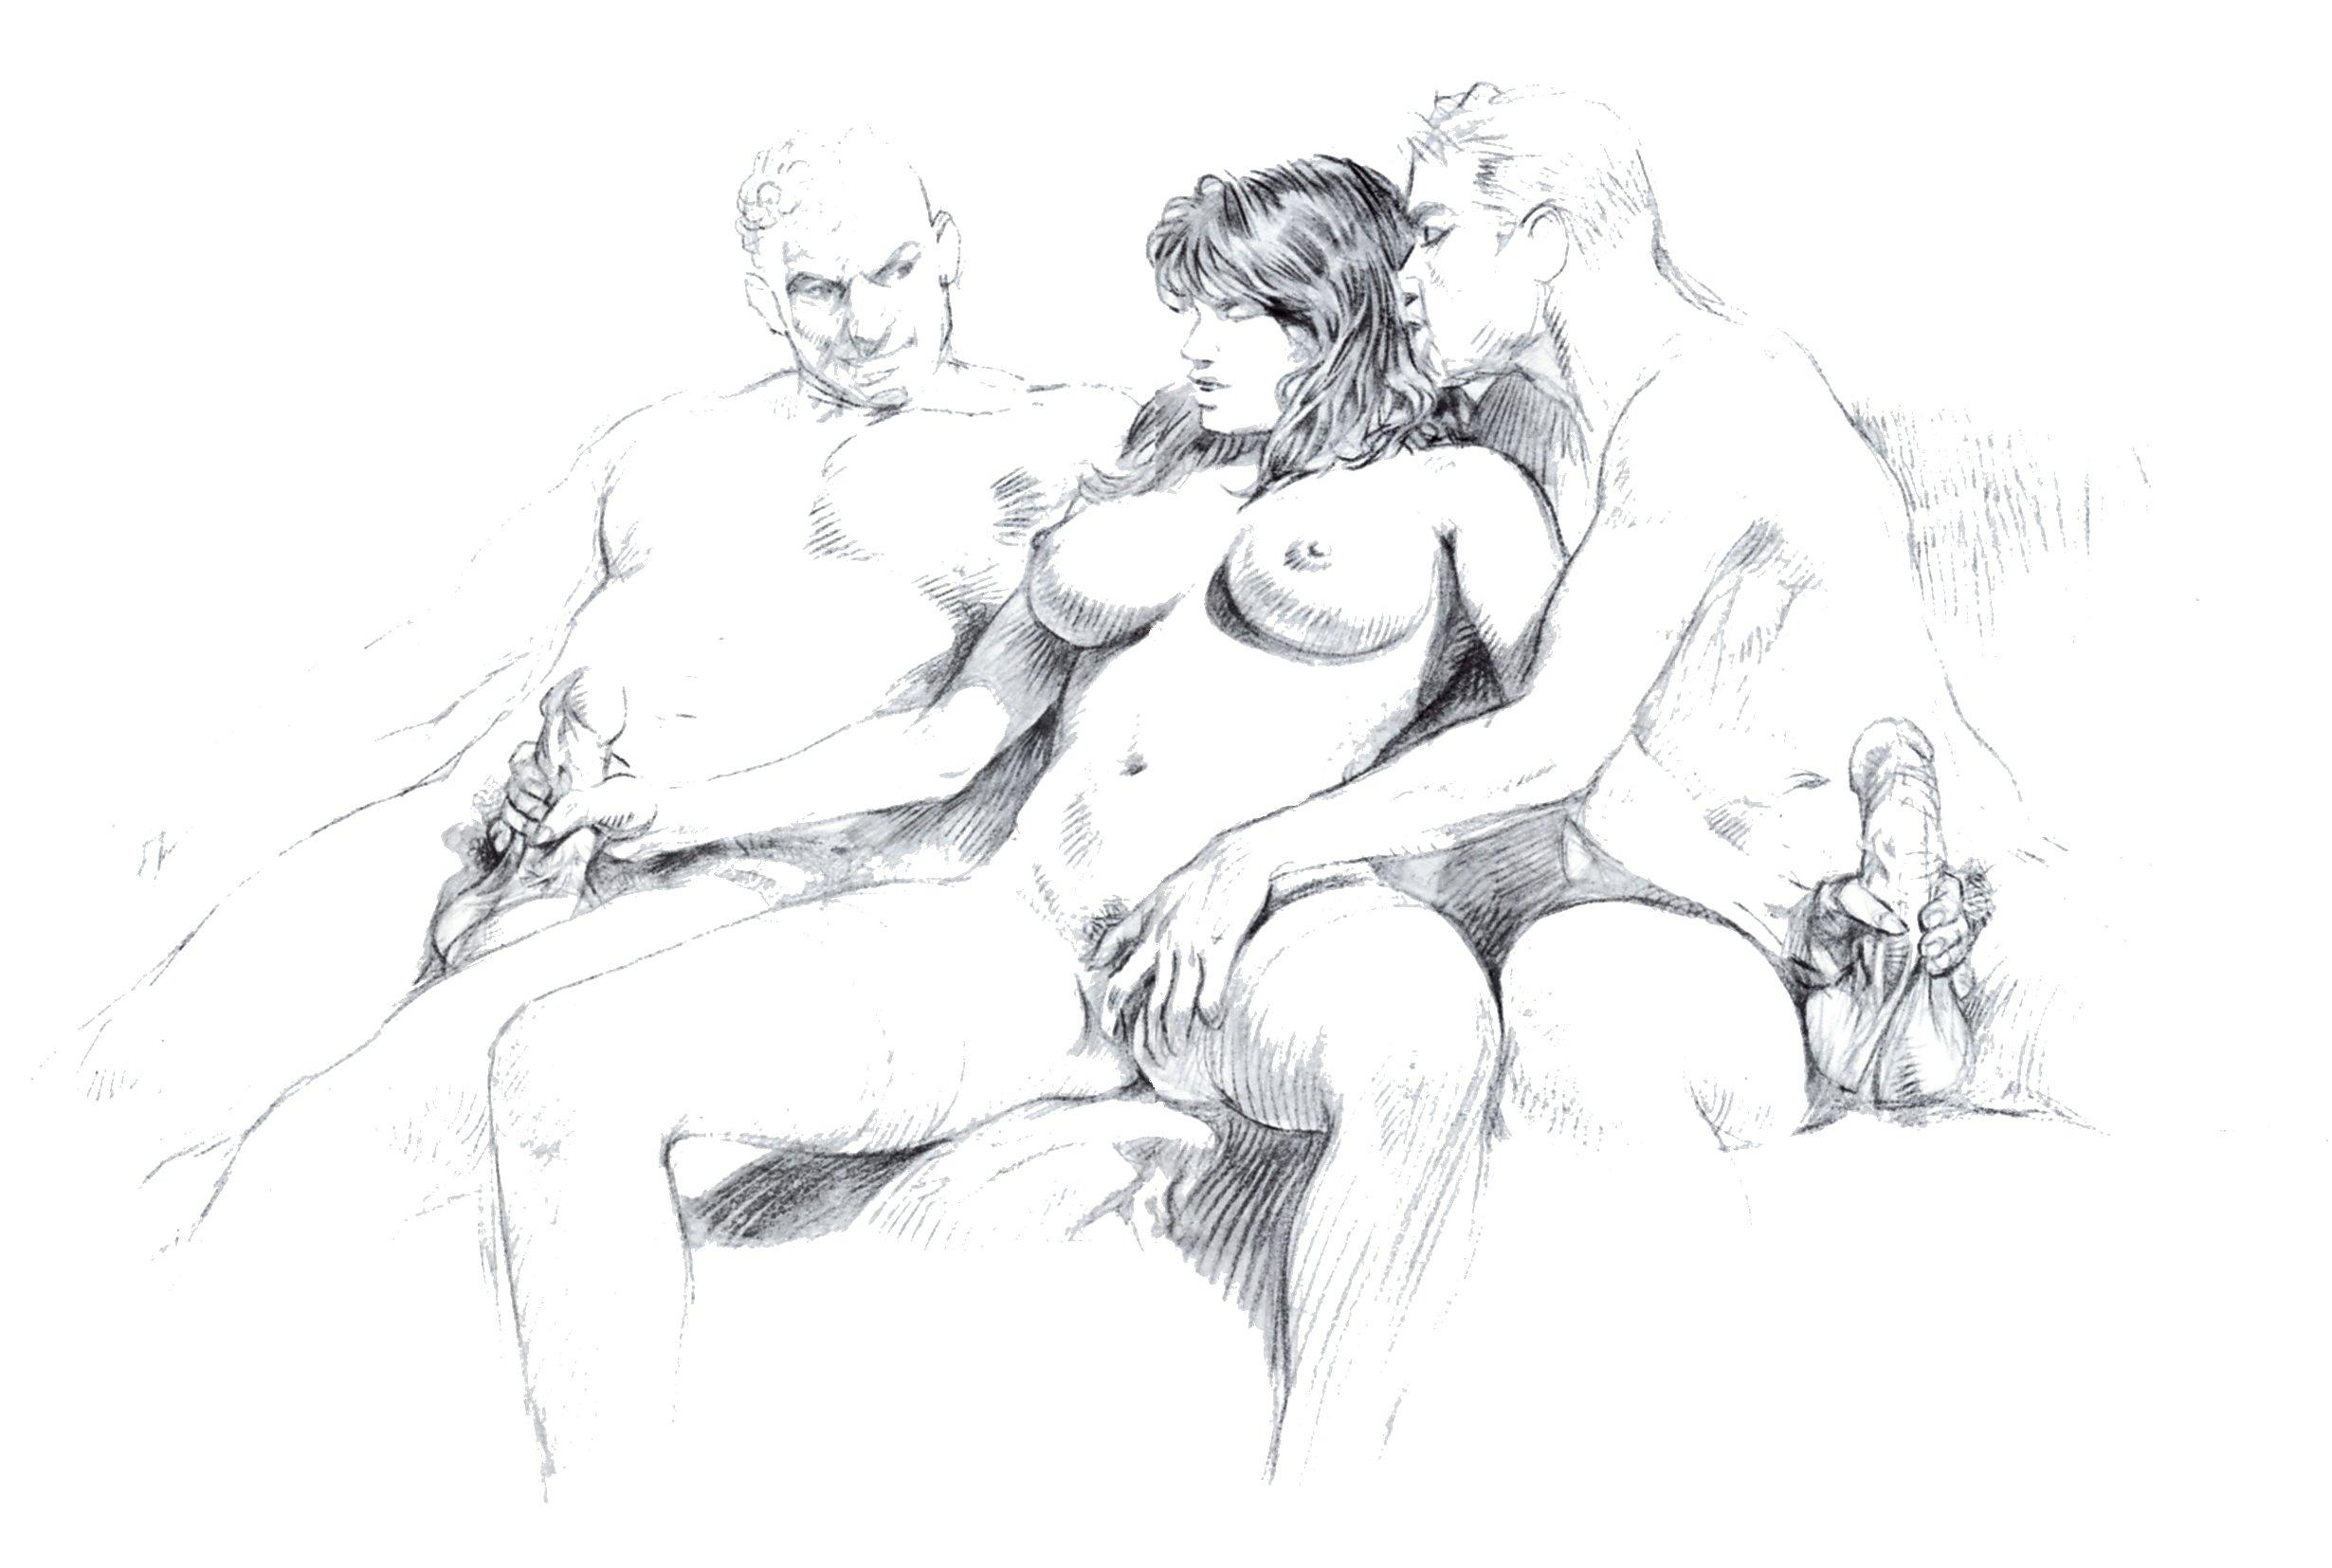 Красивые порно рисованные картинки